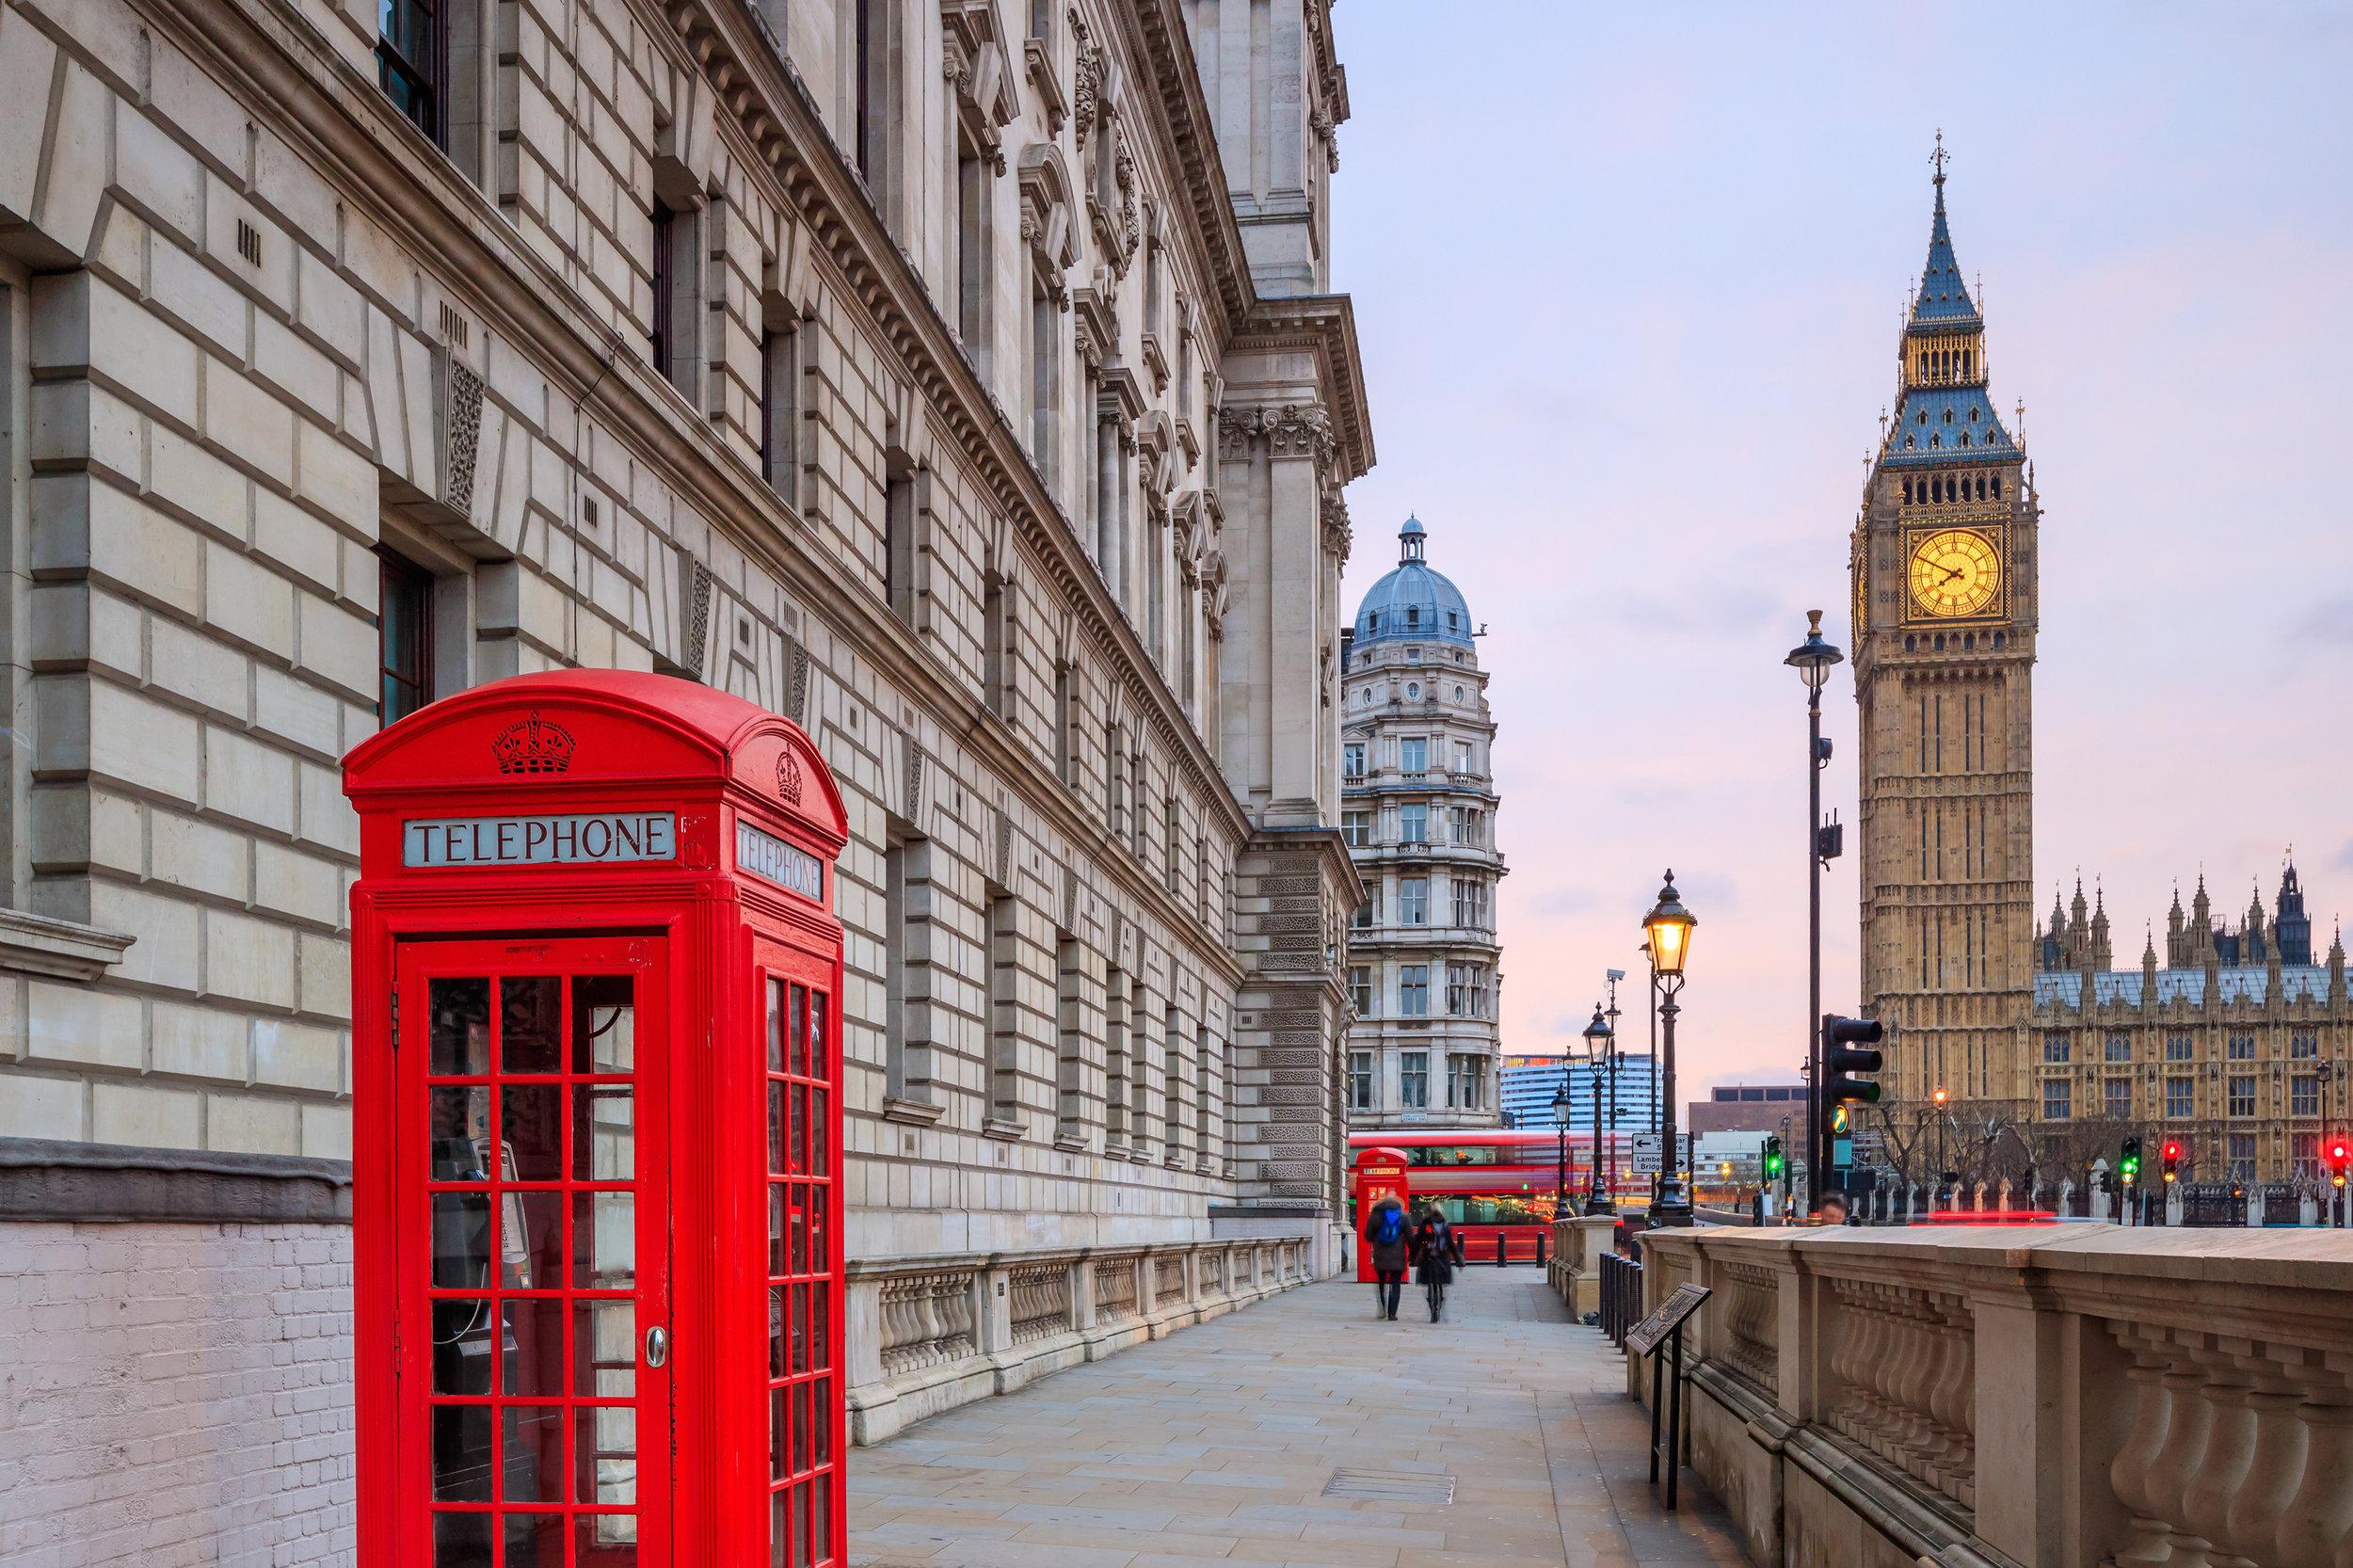 London - Shutterstock